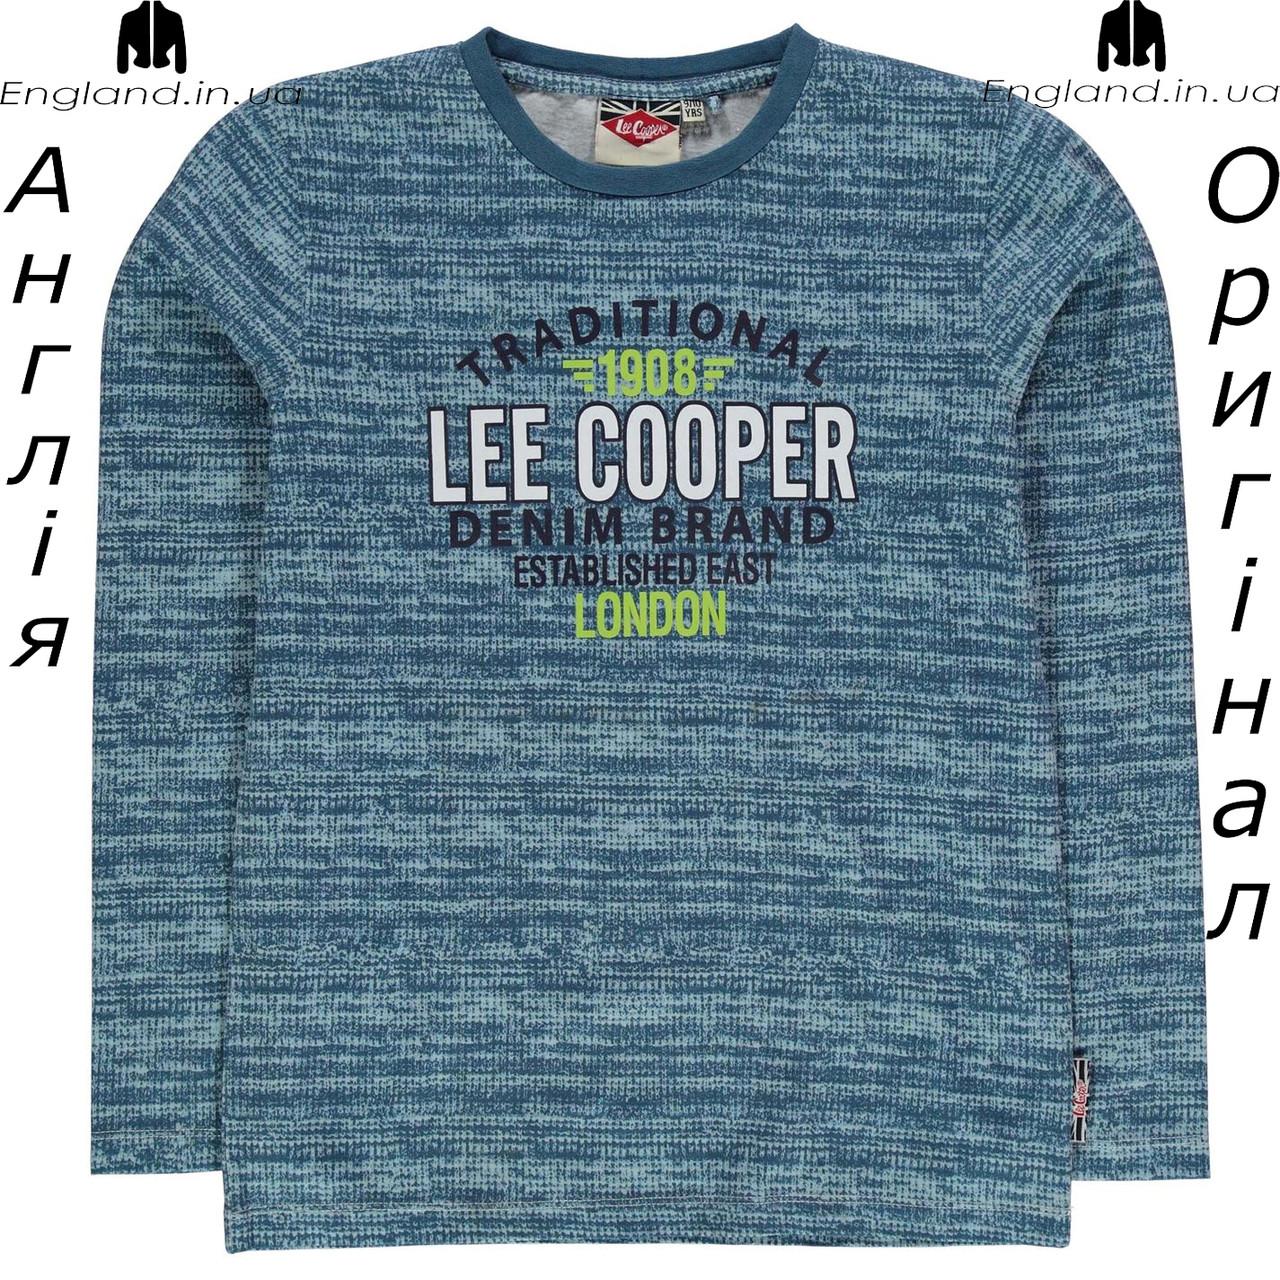 Футболка Lee Cooper из Англии для мальчиков 2-14 лет - на длинный рукав